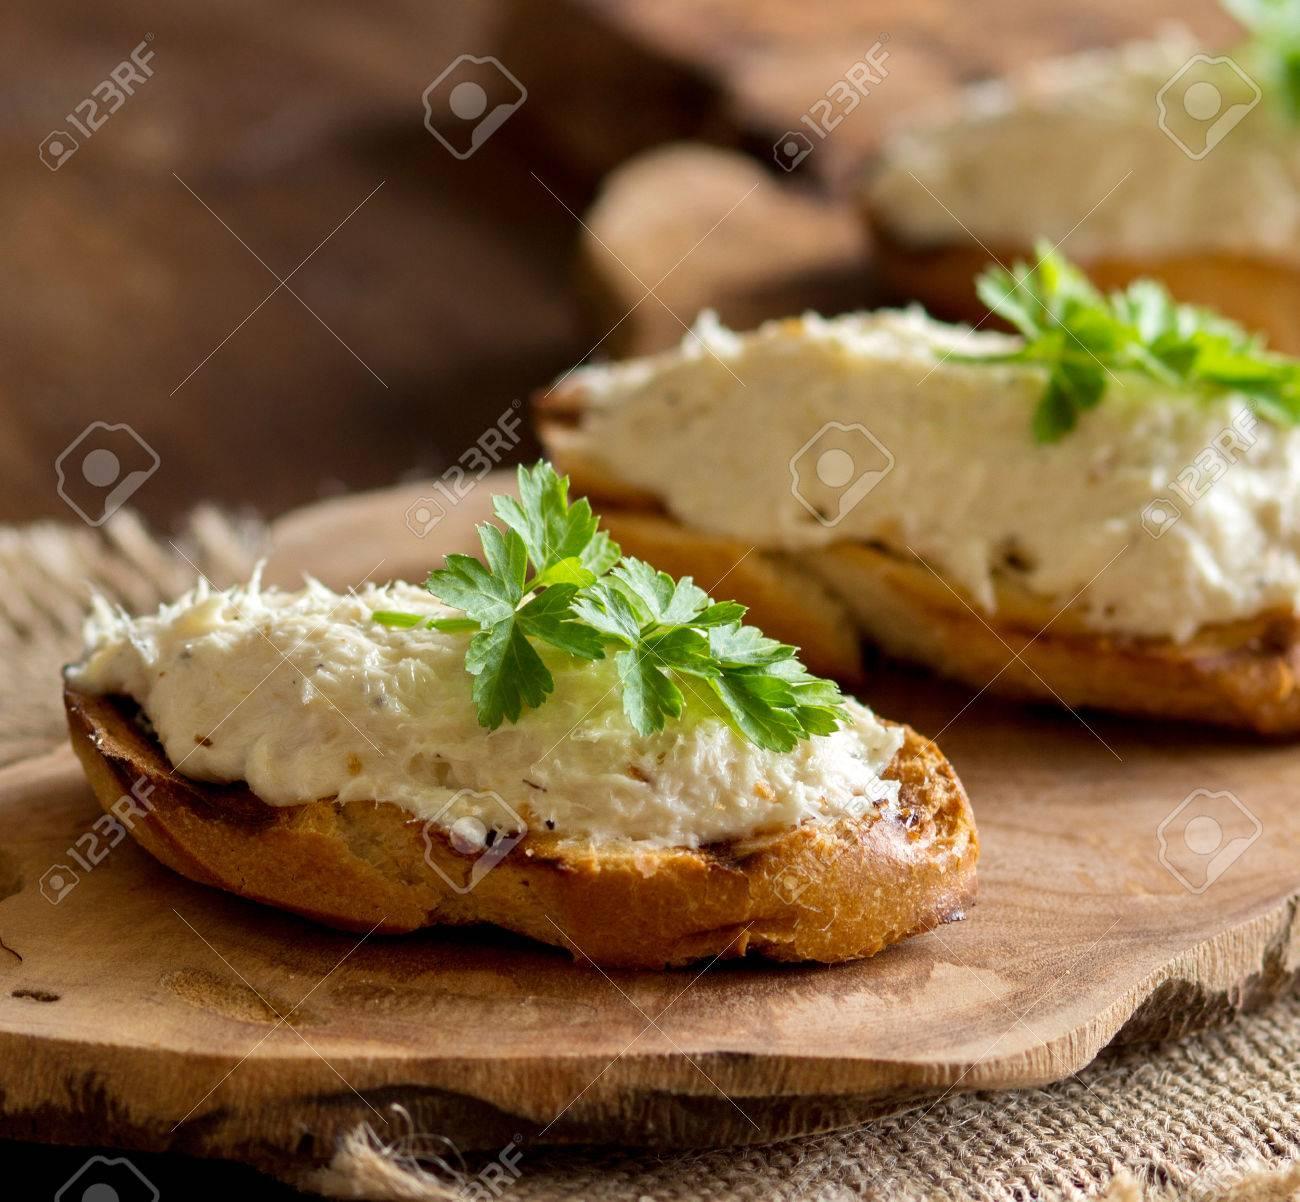 Pane tostato con mousse baccalà salato sul tagliere di legno Archivio Fotografico - 35193256